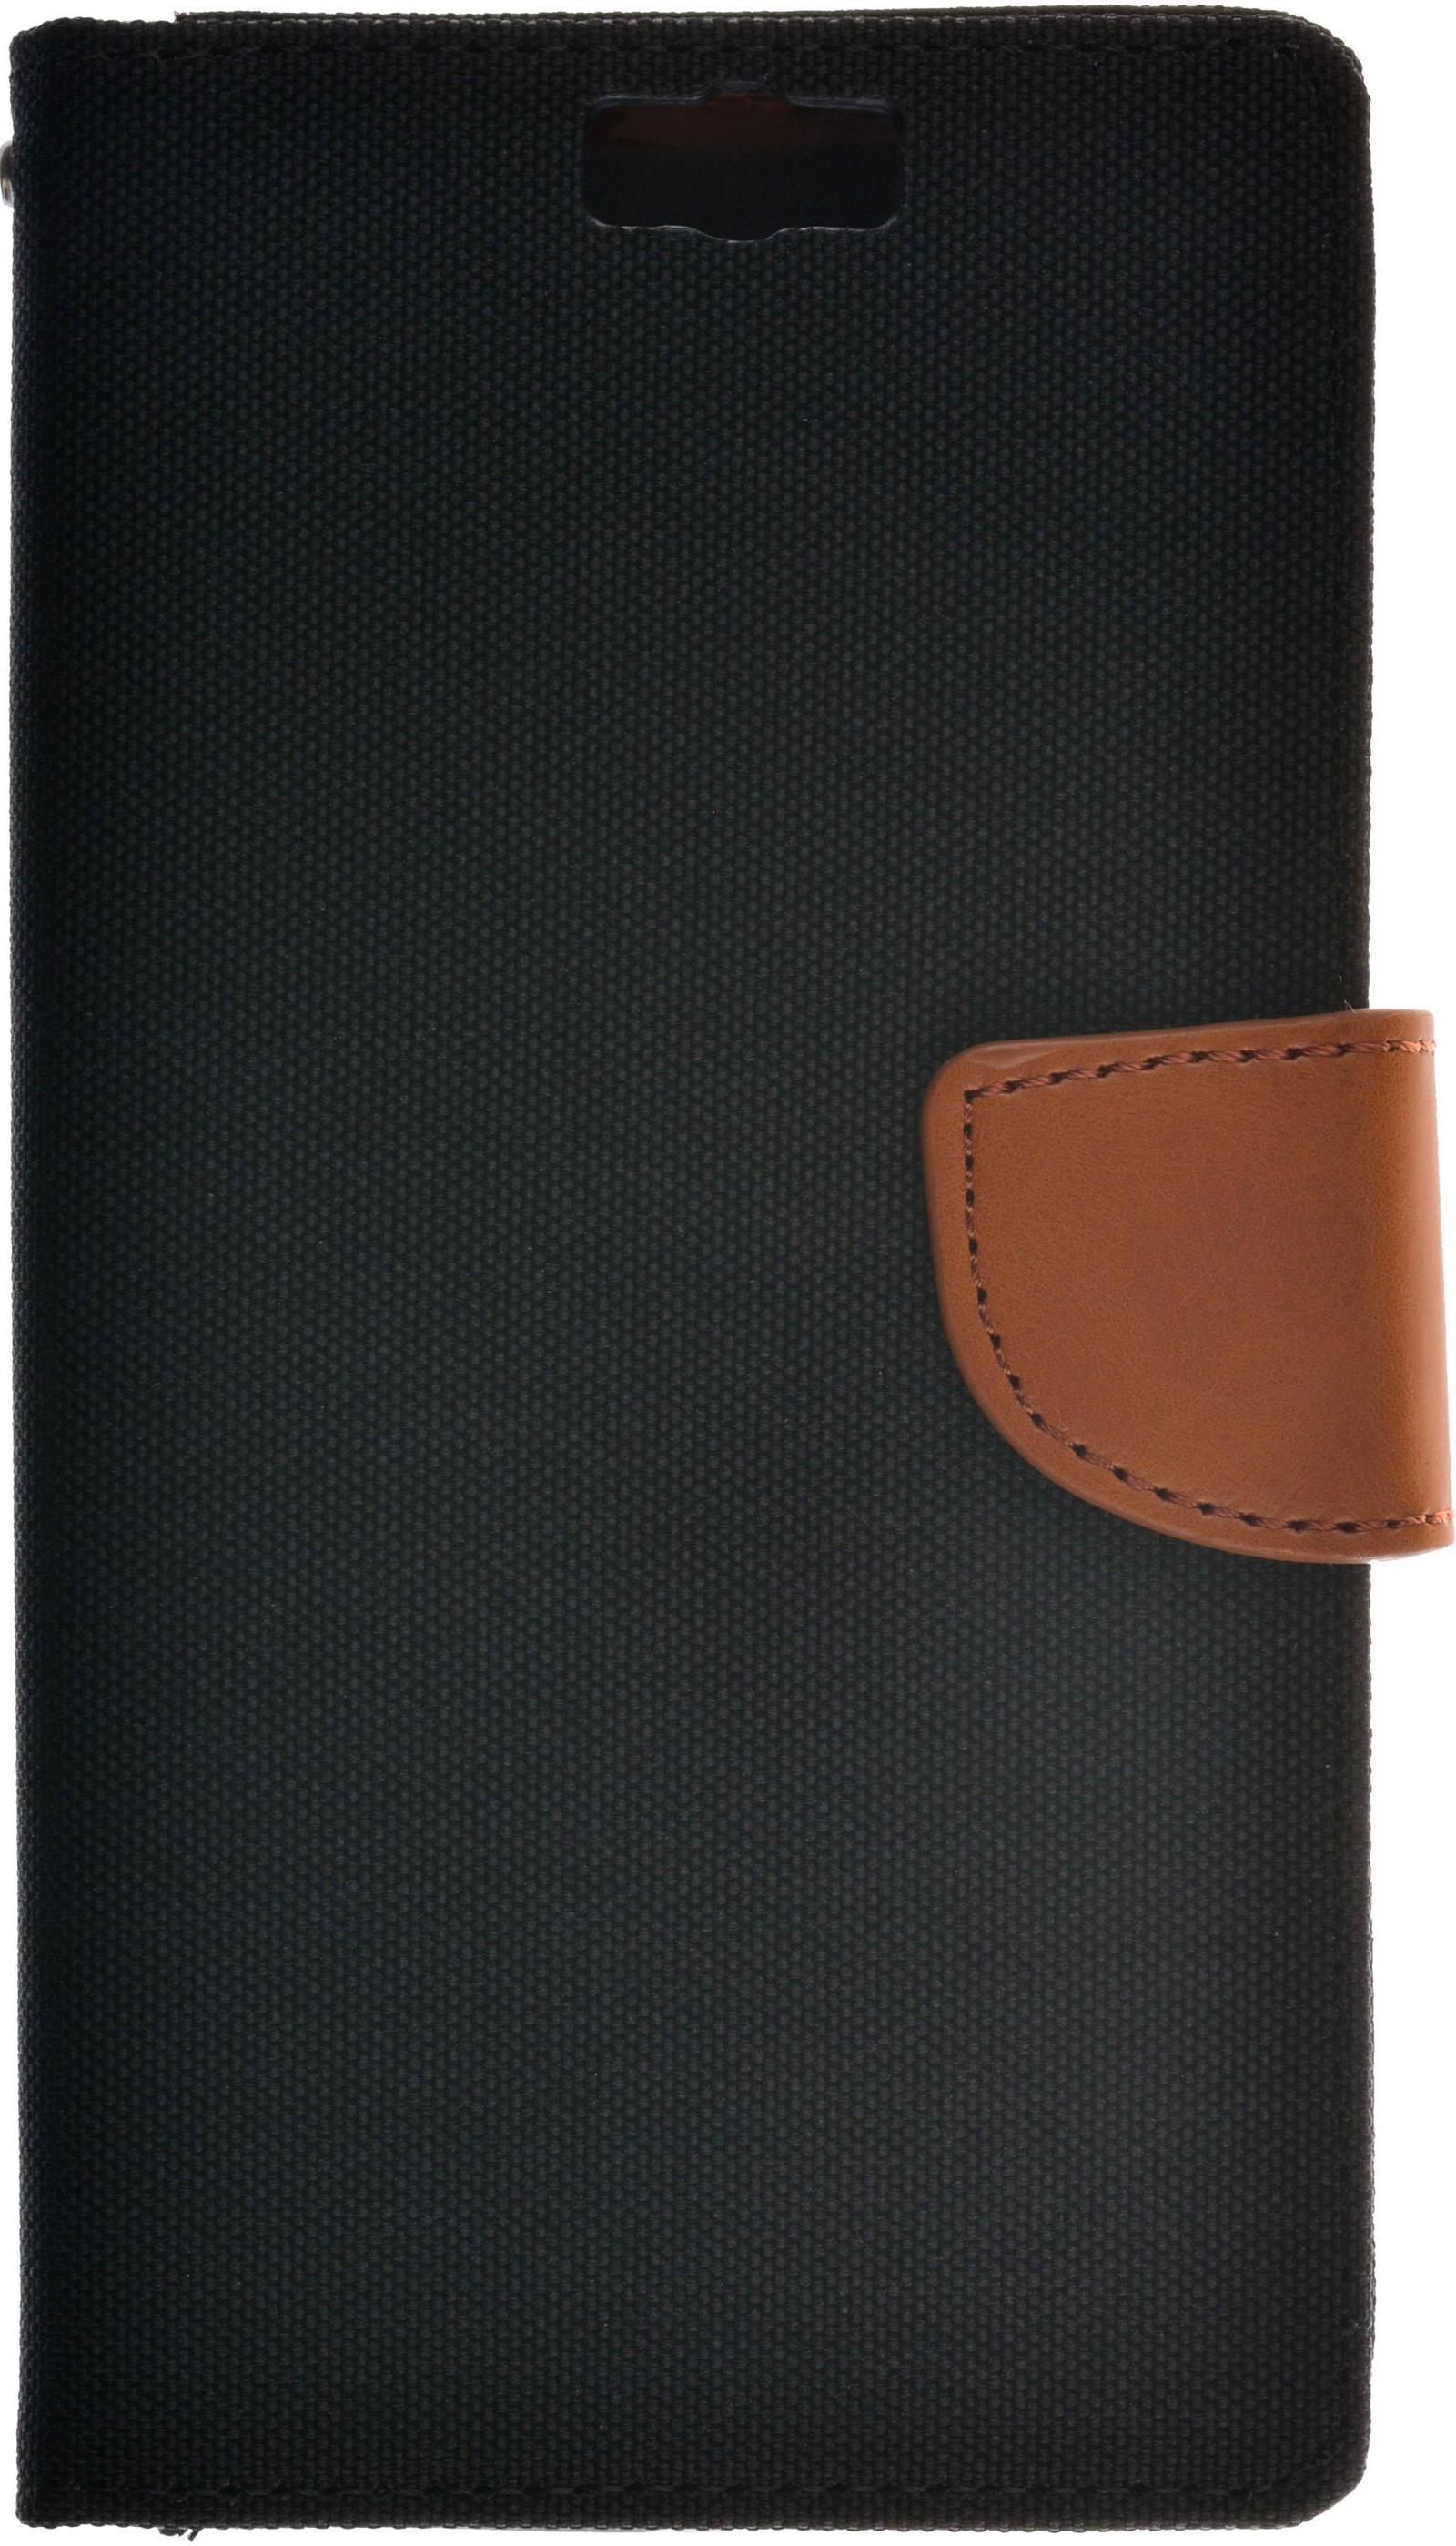 Чехол для сотового телефона skinBOX MS, 4630042527775, черный все цены